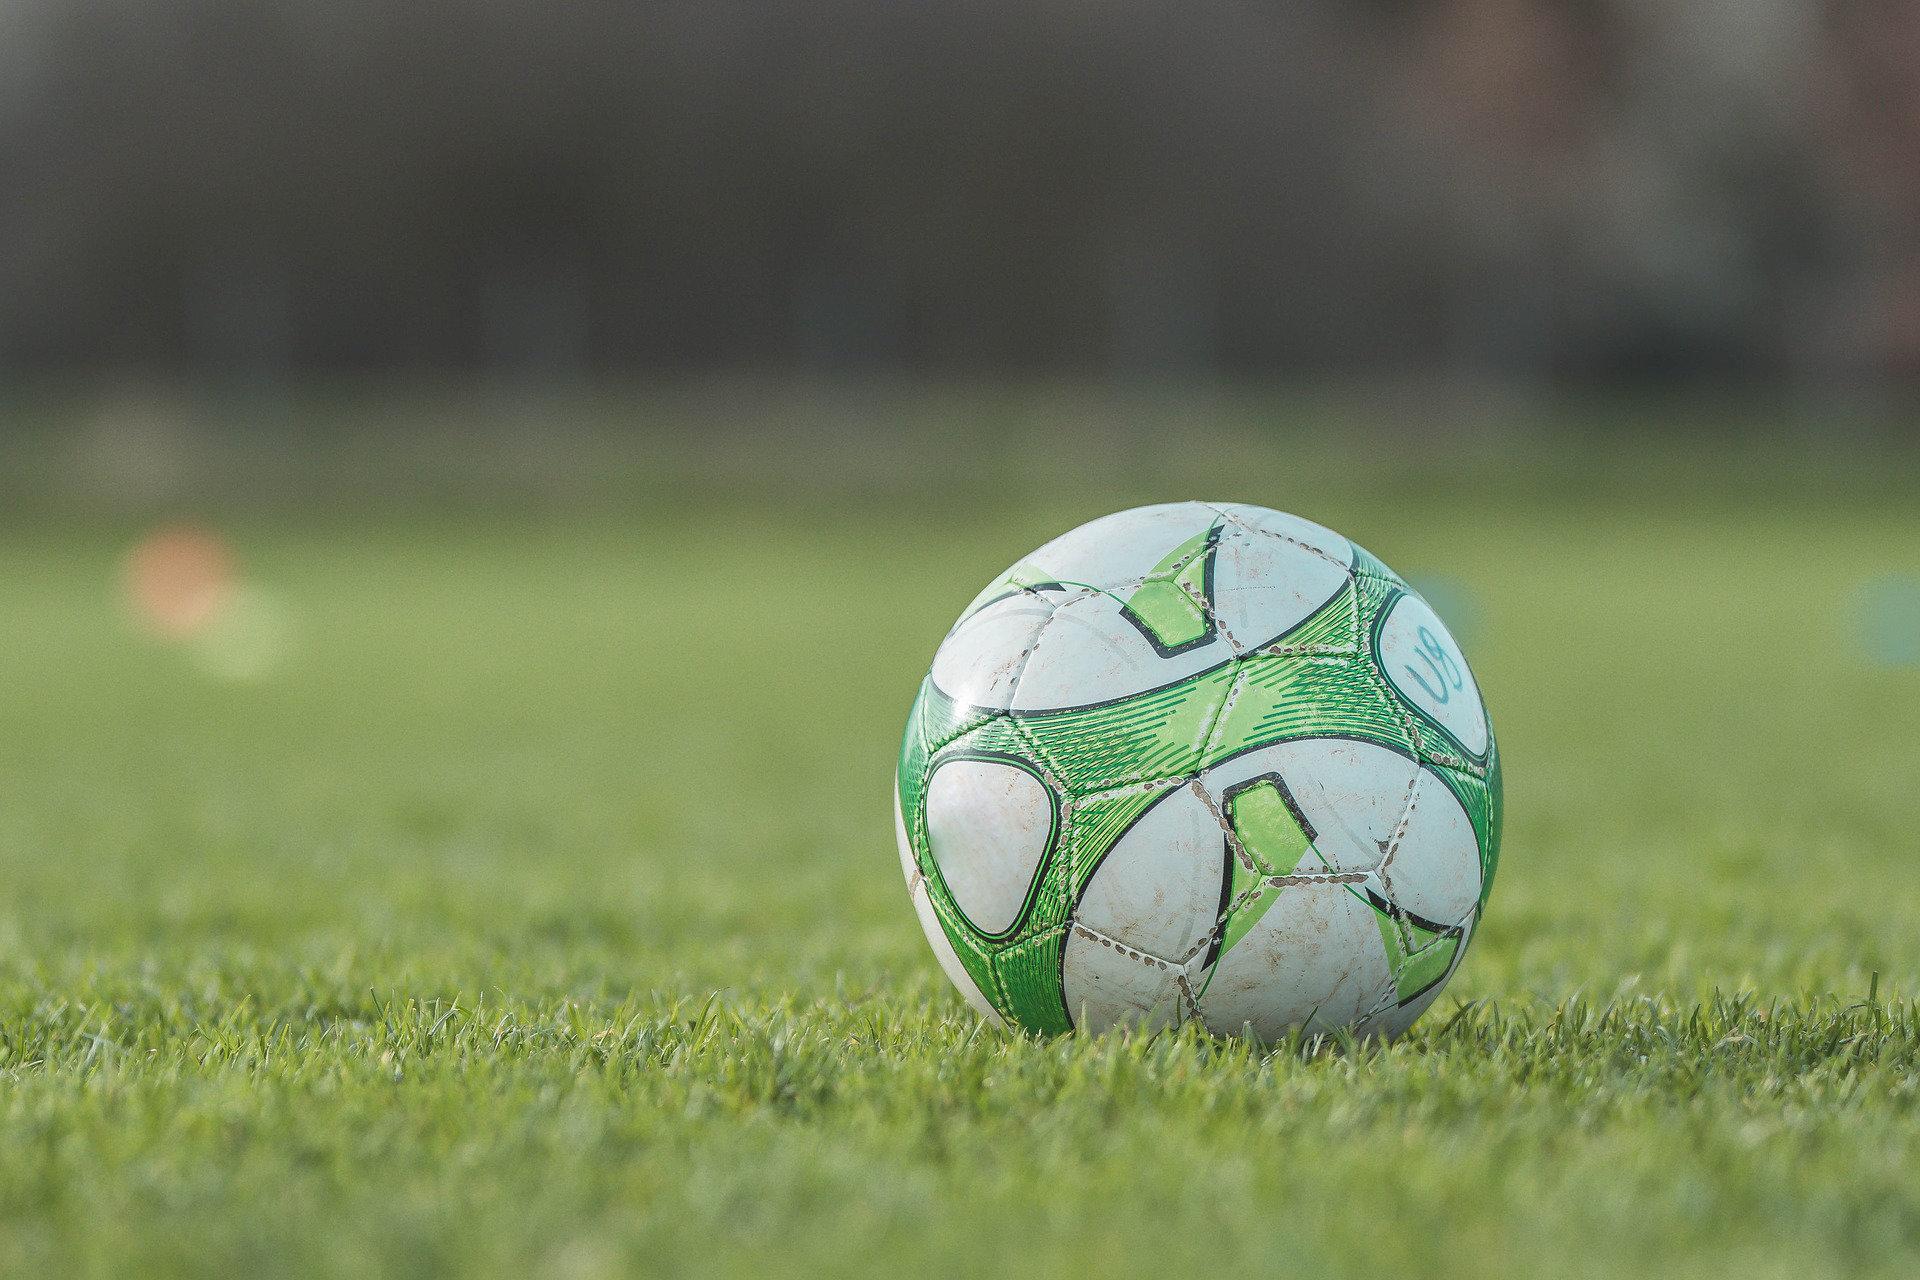 Foulspiel WM: Veranstaltung zu Fußball & Menschenrechten im FCSP-Museum